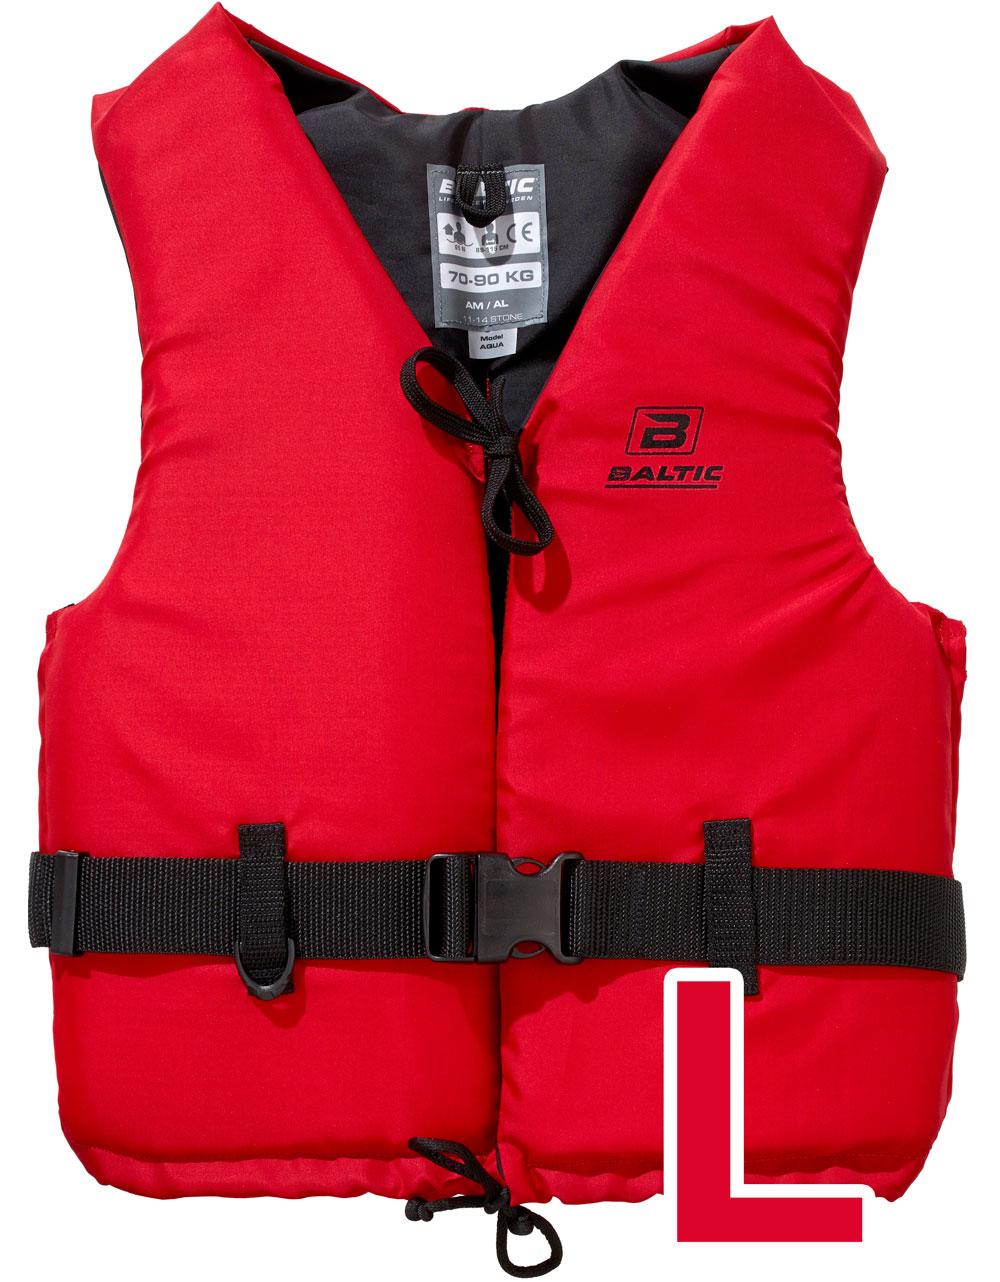 Baltic Aqua Farbe Rot - Größe L